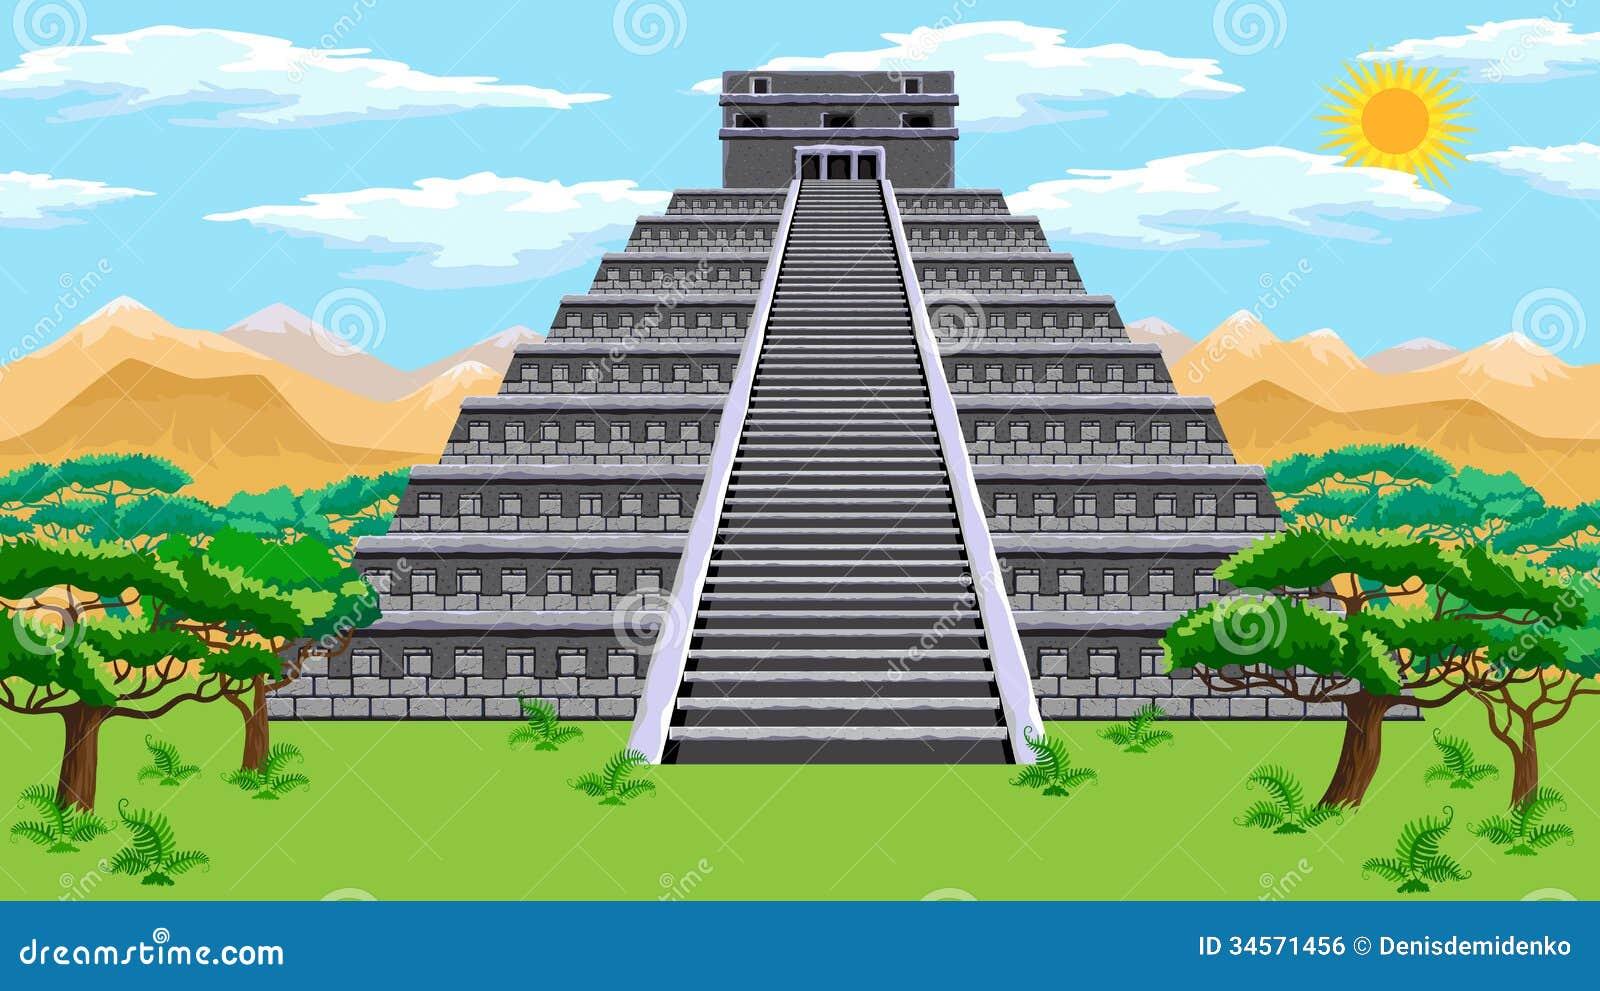 Piramide azteca illustrazione vettoriale immagine di for Las construcciones de los mayas